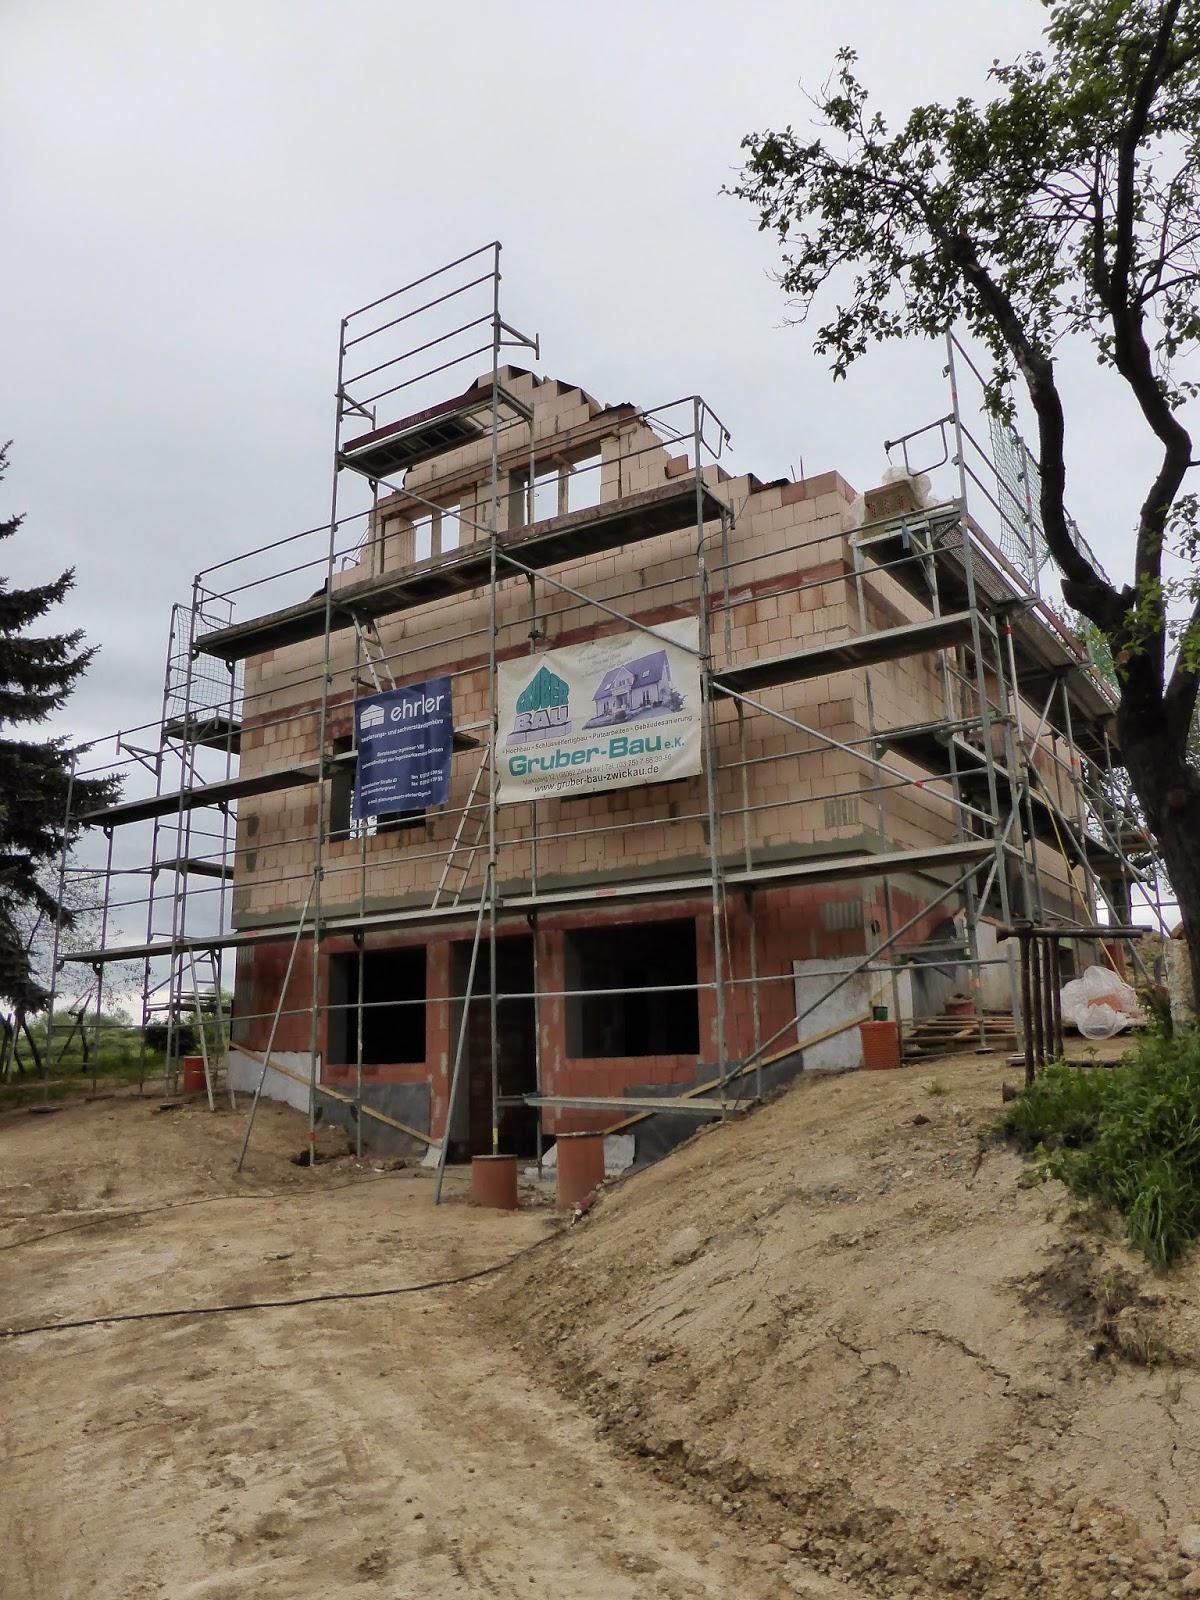 Unser Traum vom Haus: Richtfertigkeit erreicht - 7. Bauwoche